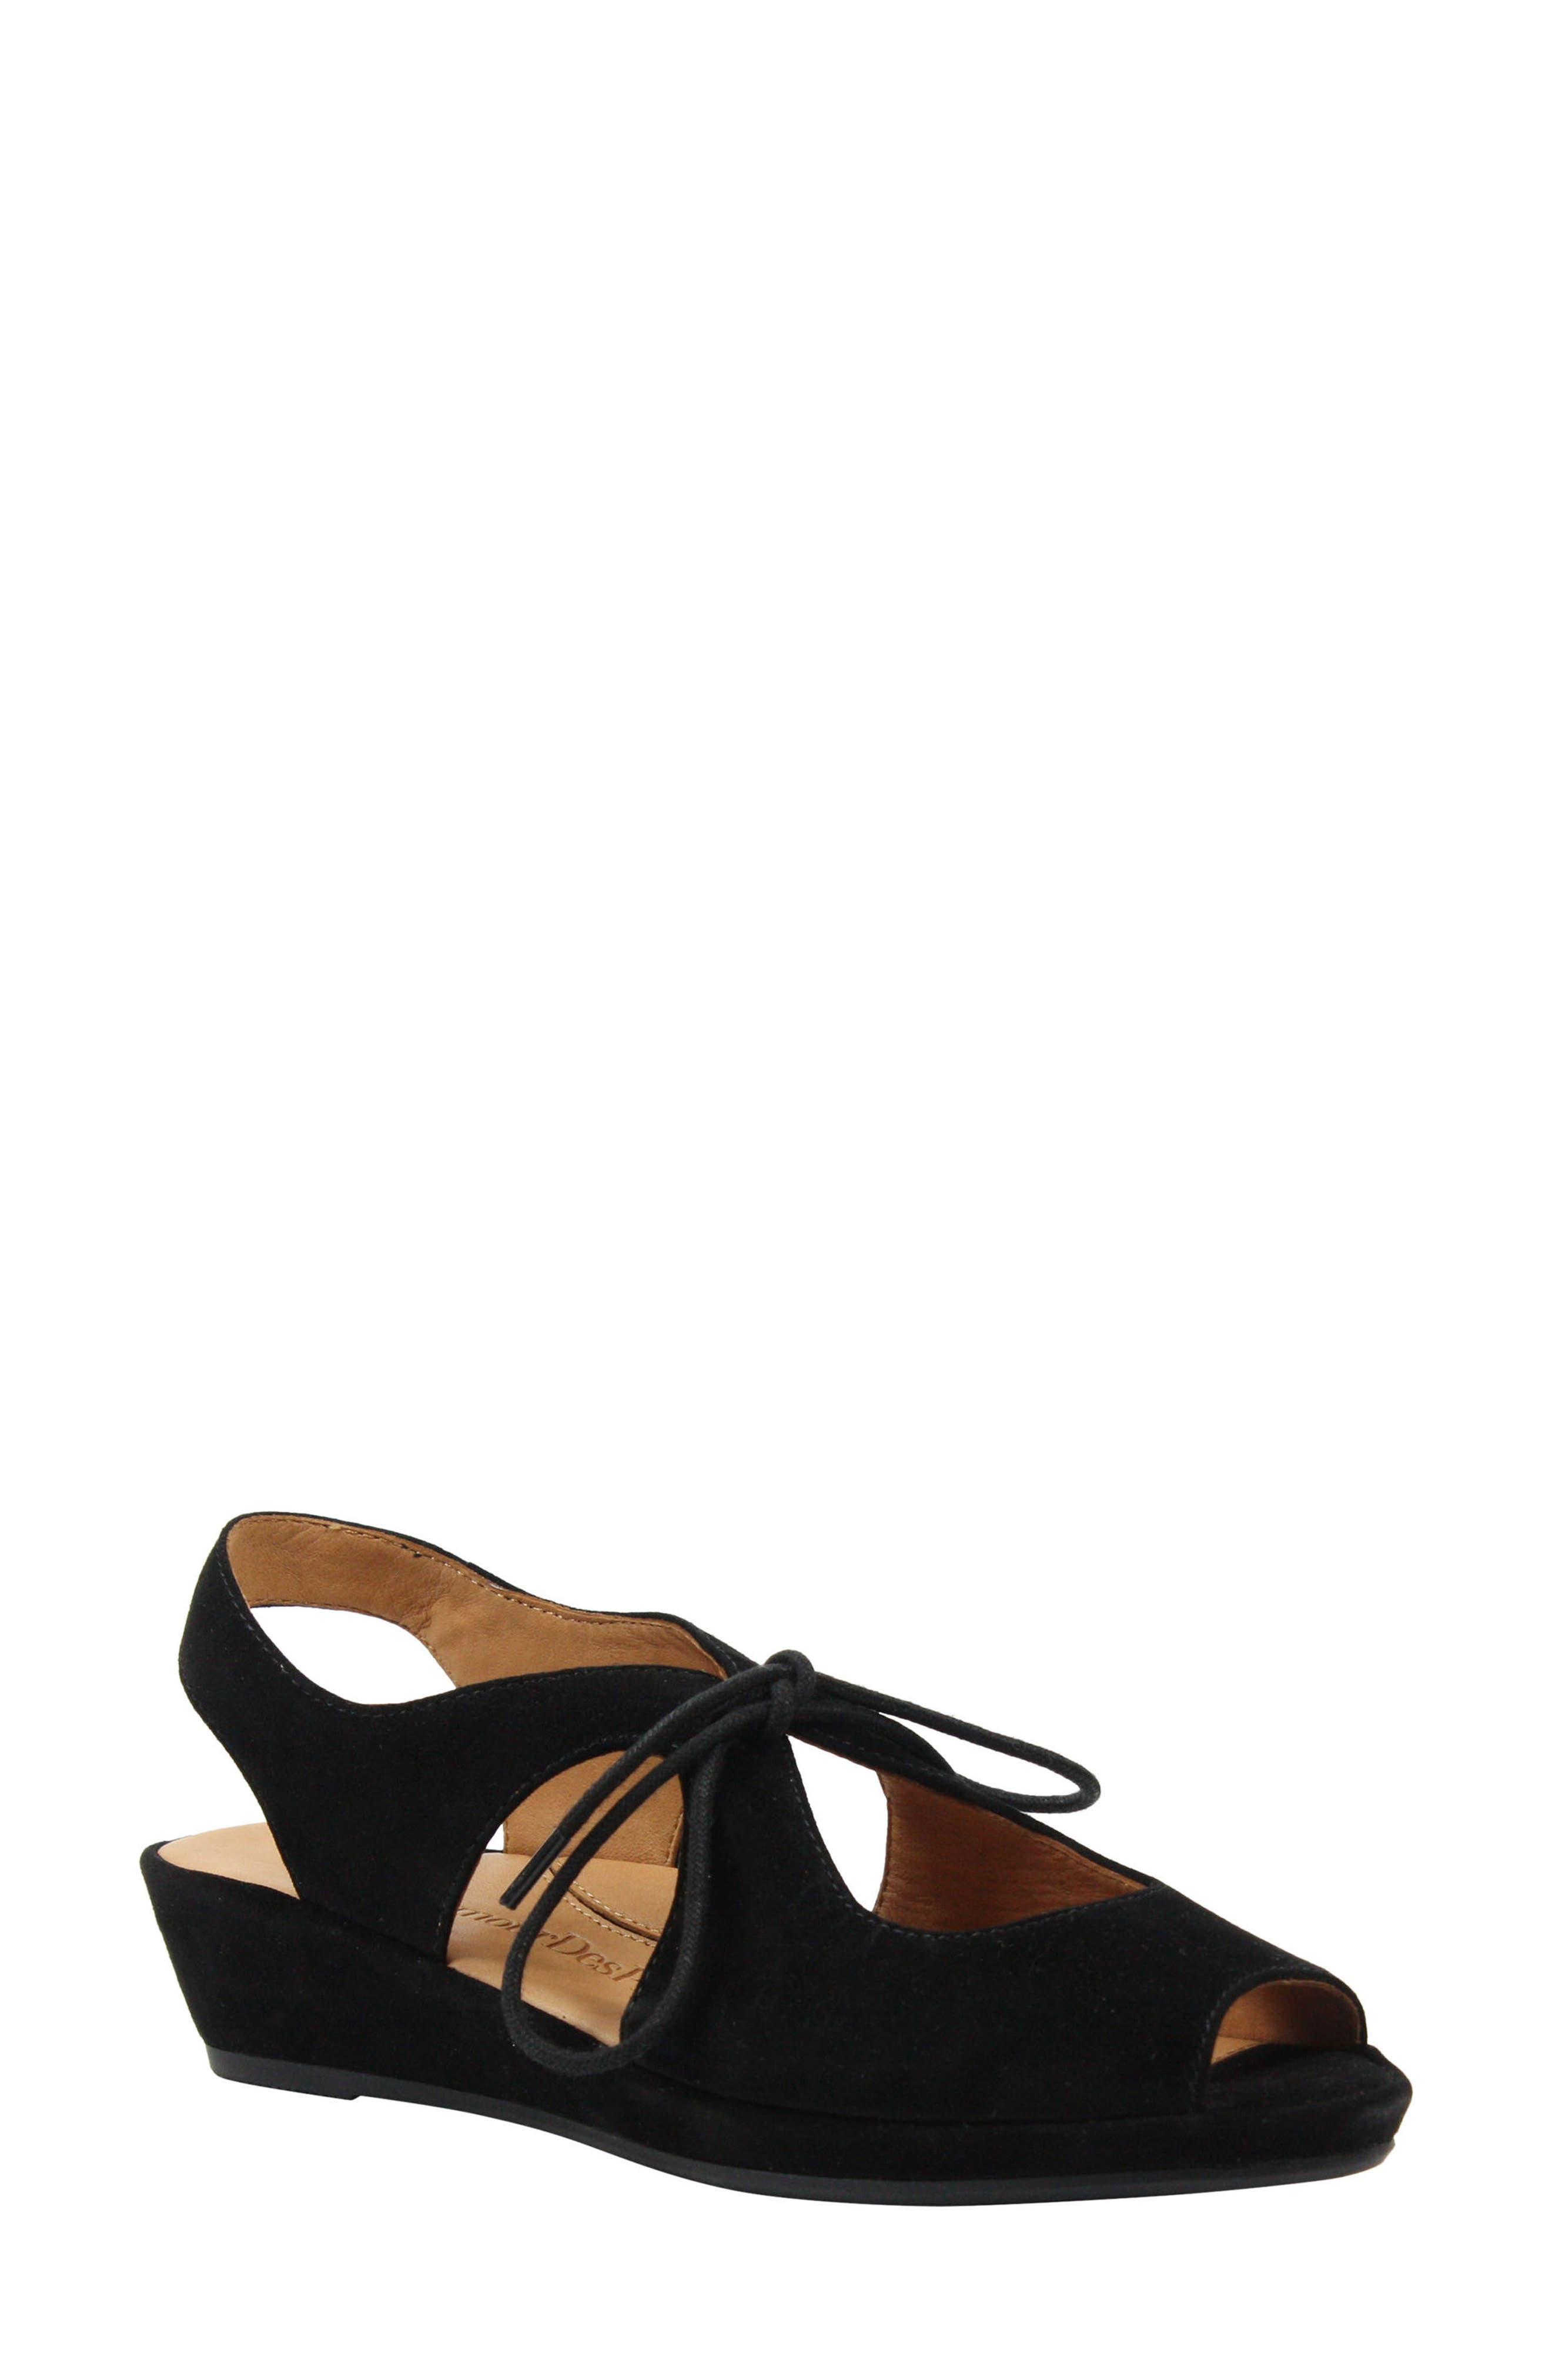 L'AMOUR DES PIEDS Brettany Sandal, Main, color, BLACK SUEDE